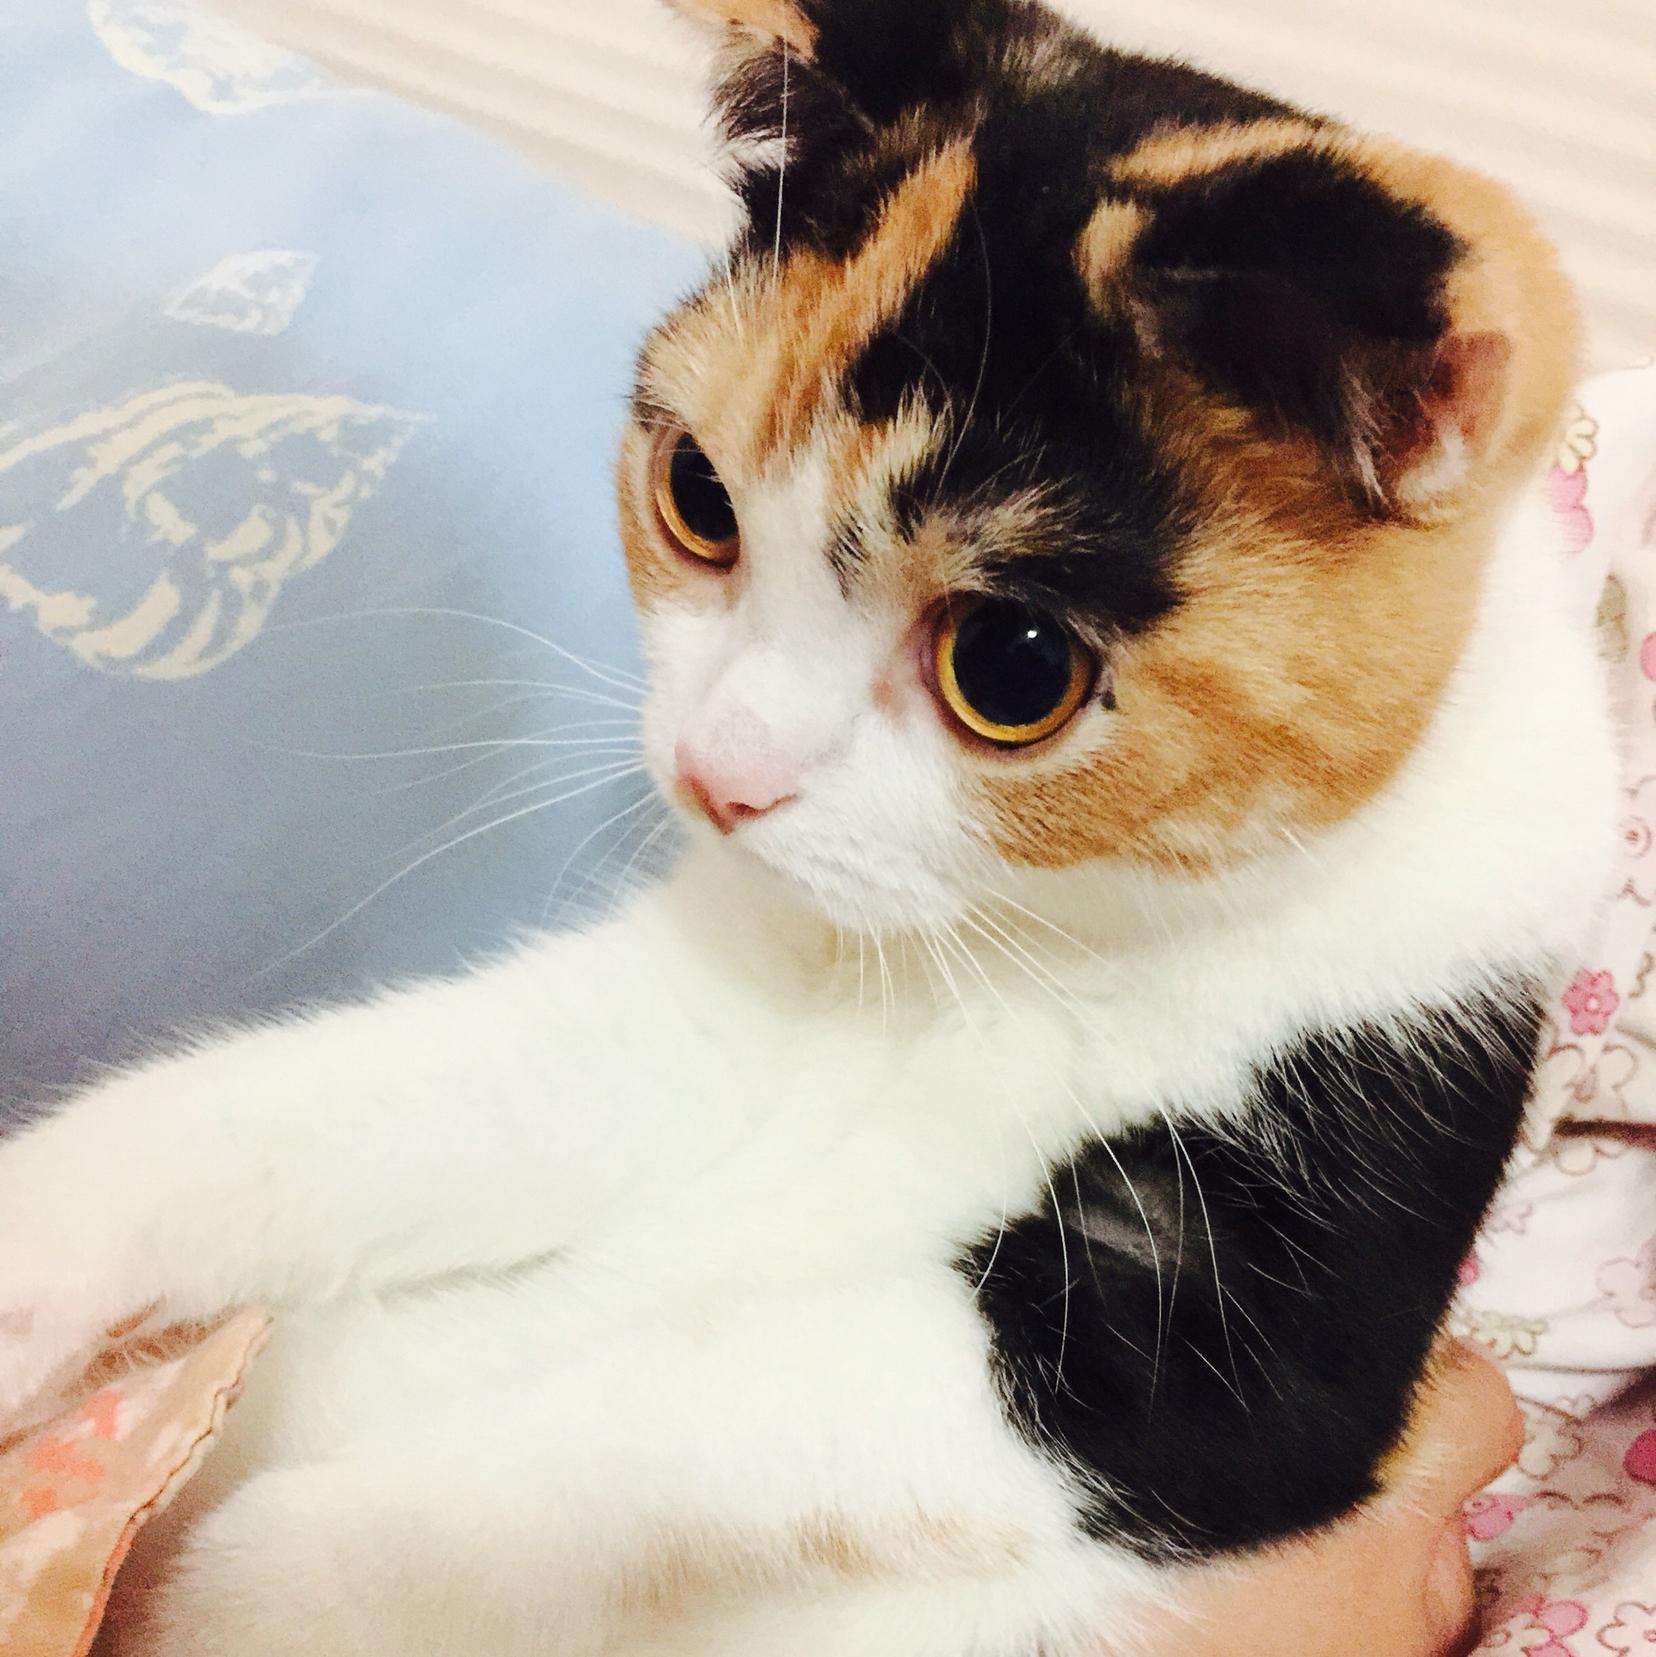 猫吃饭的时候做出扒地板的动作是代表什么意思呢?